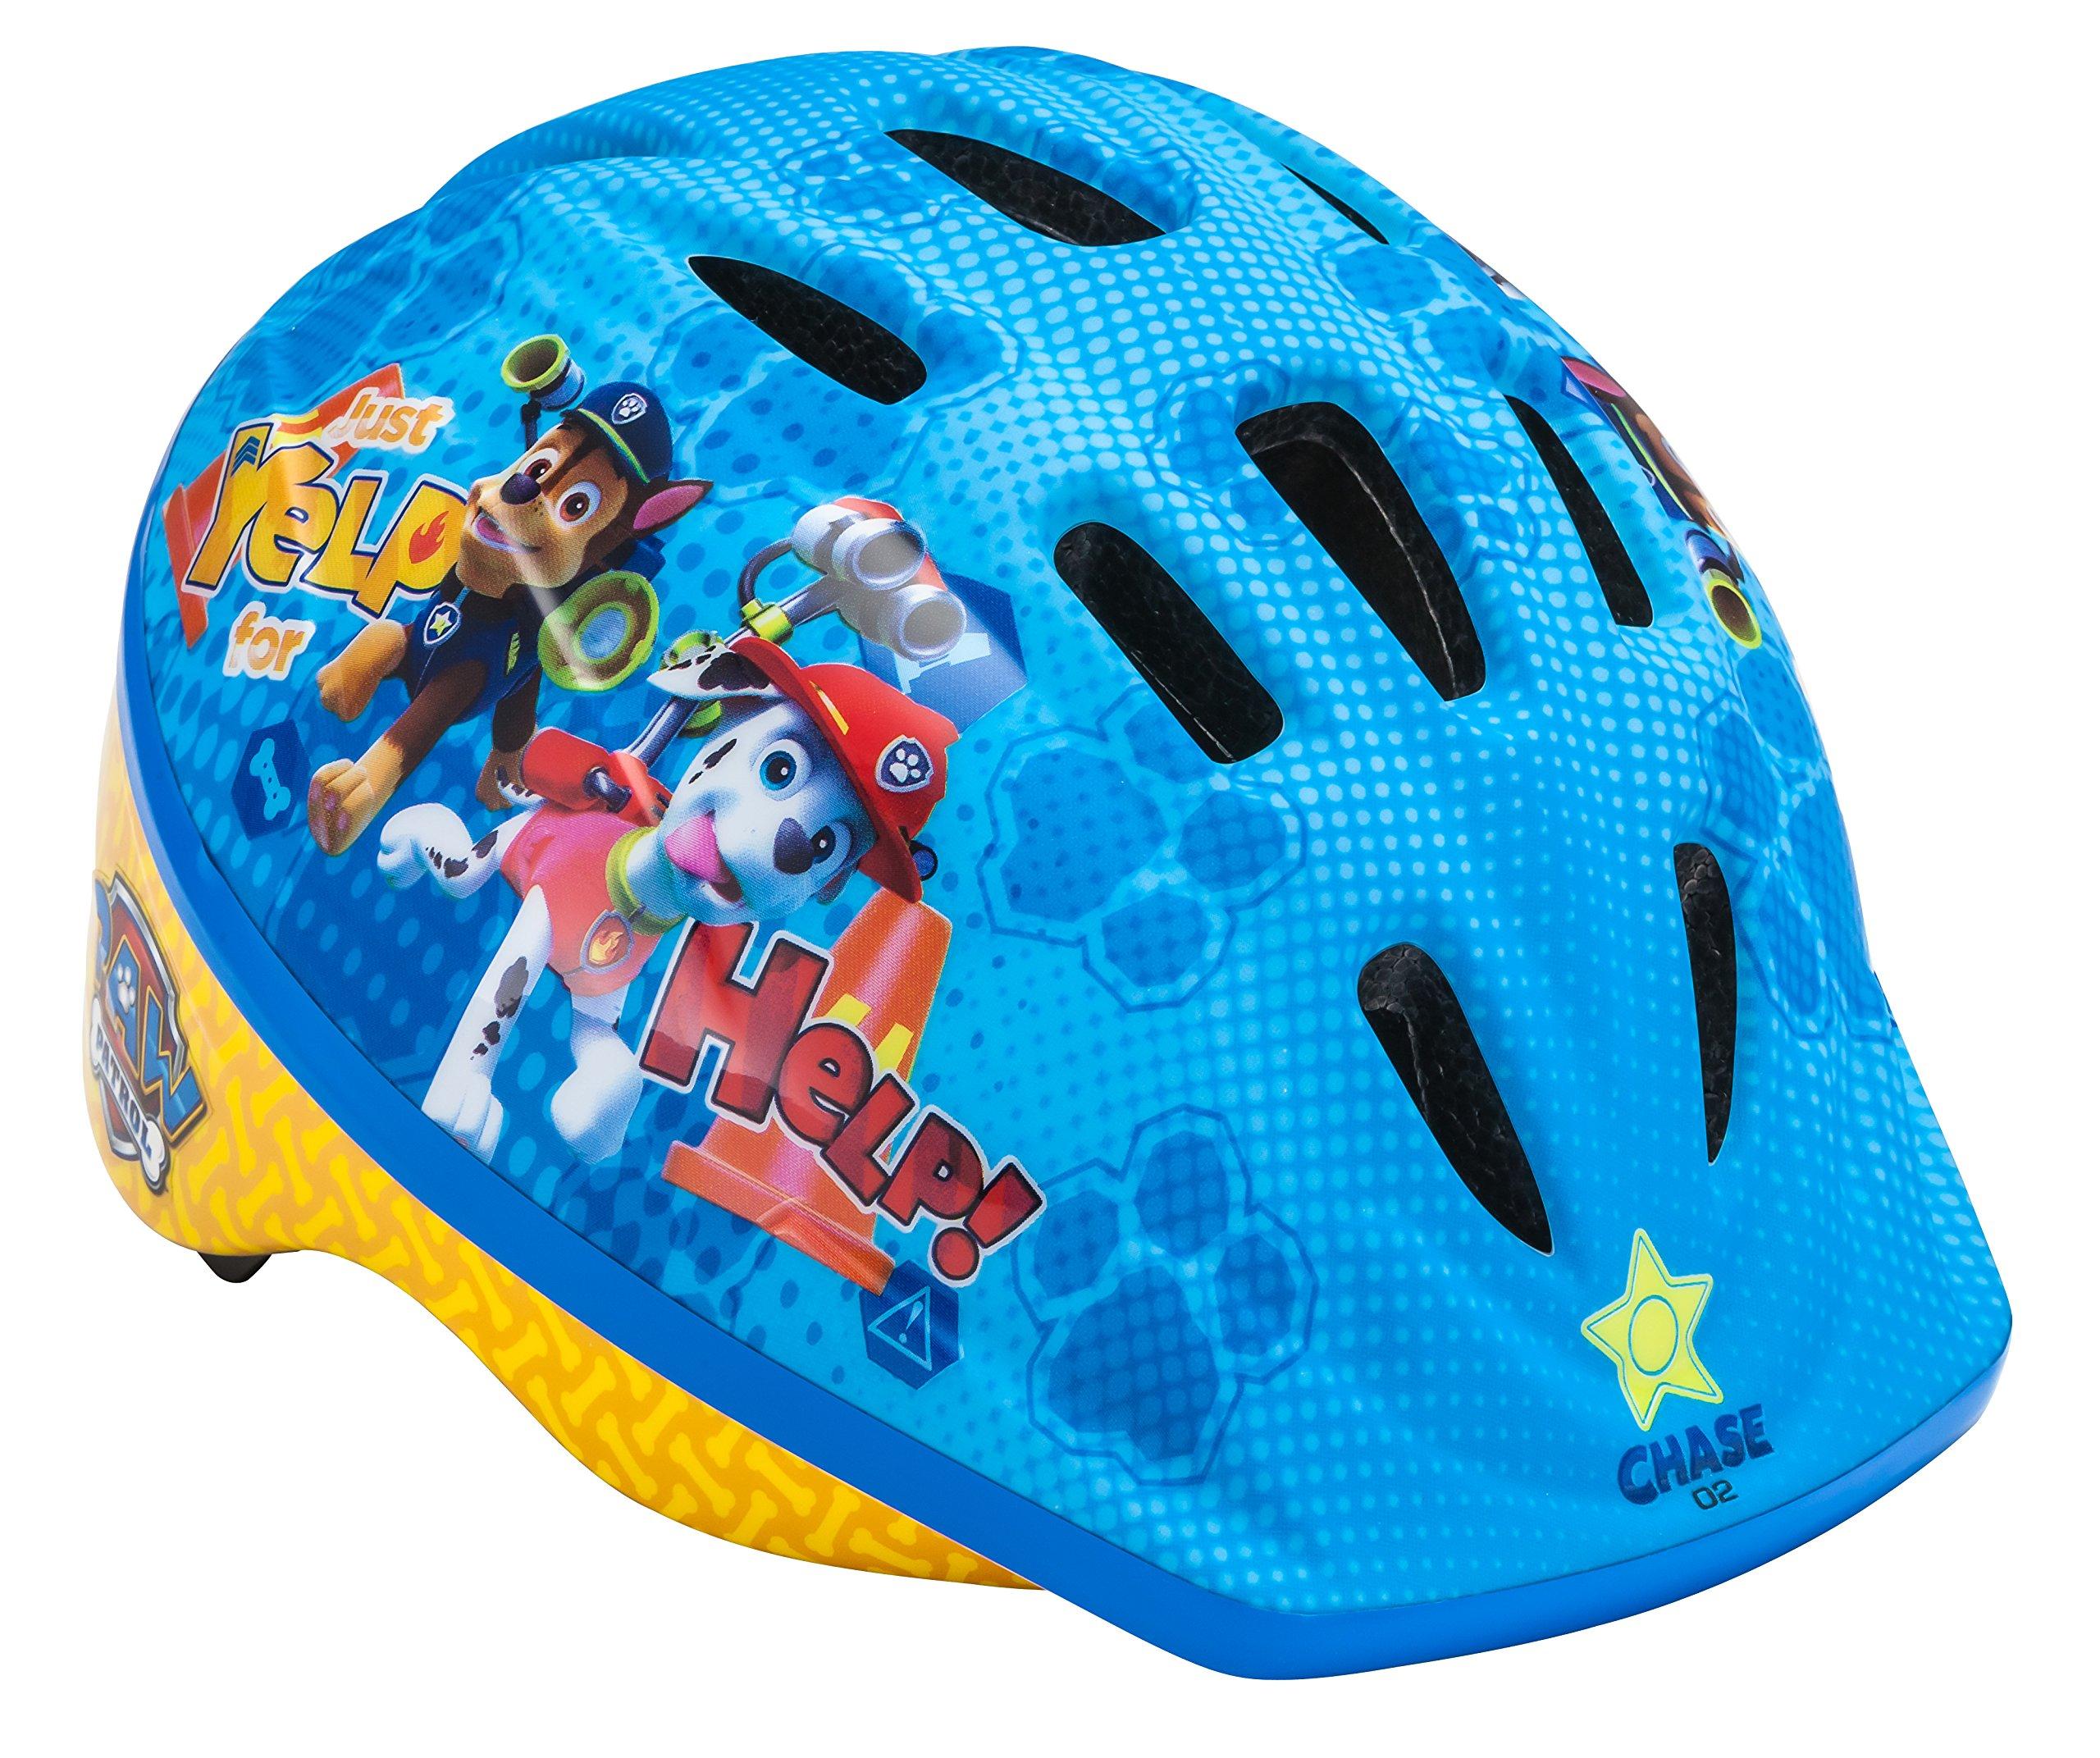 Nickelodeon Paw Patrol PP78357-2 Toddler Helmet